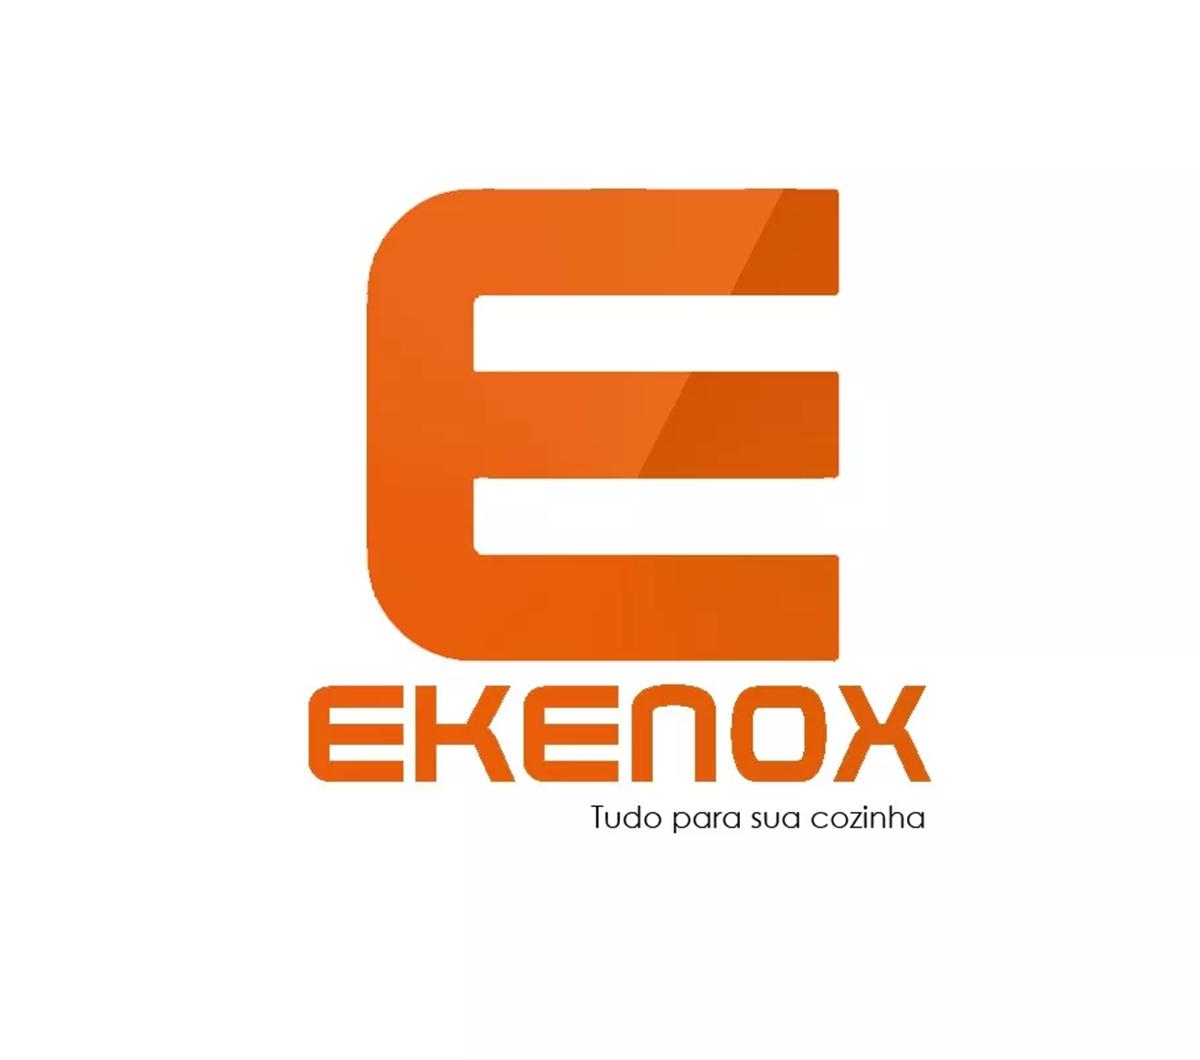 BANDEJA DE PLASTICO SELF-SERVICE  - EKENOX- Equipamentos Industriais